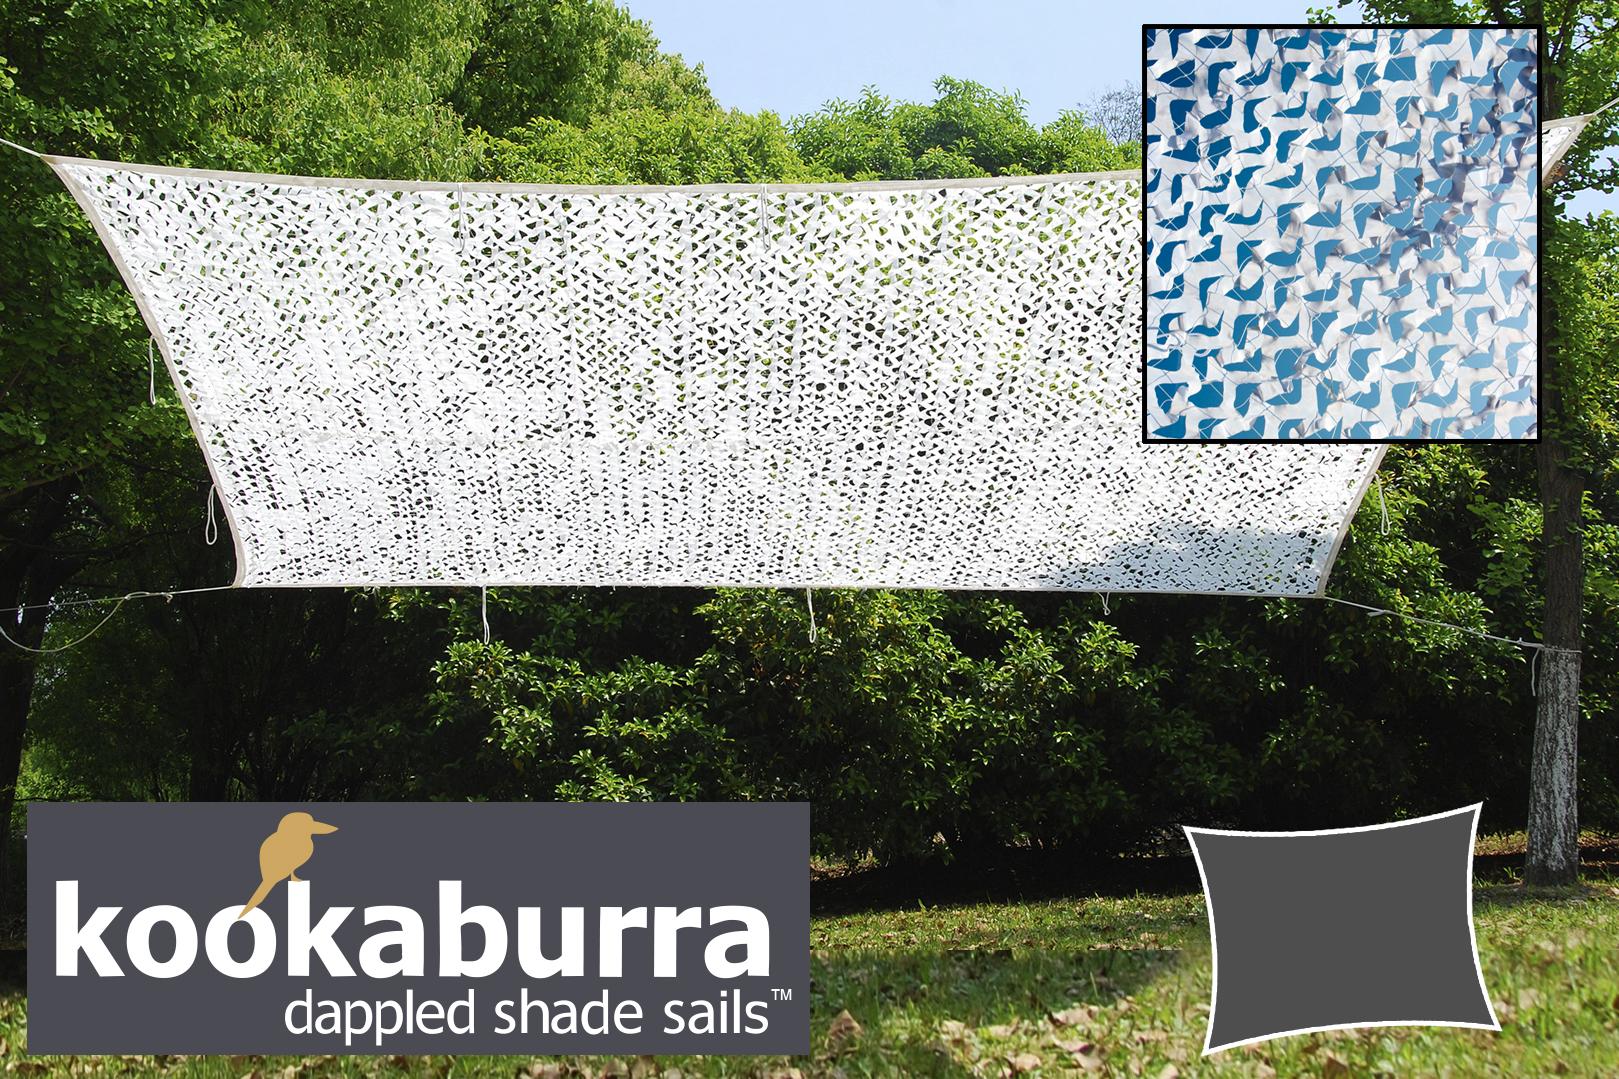 Tenda a vela kookaburra 5m x 4m rettangolare bianco for Tenda a vela rettangolare